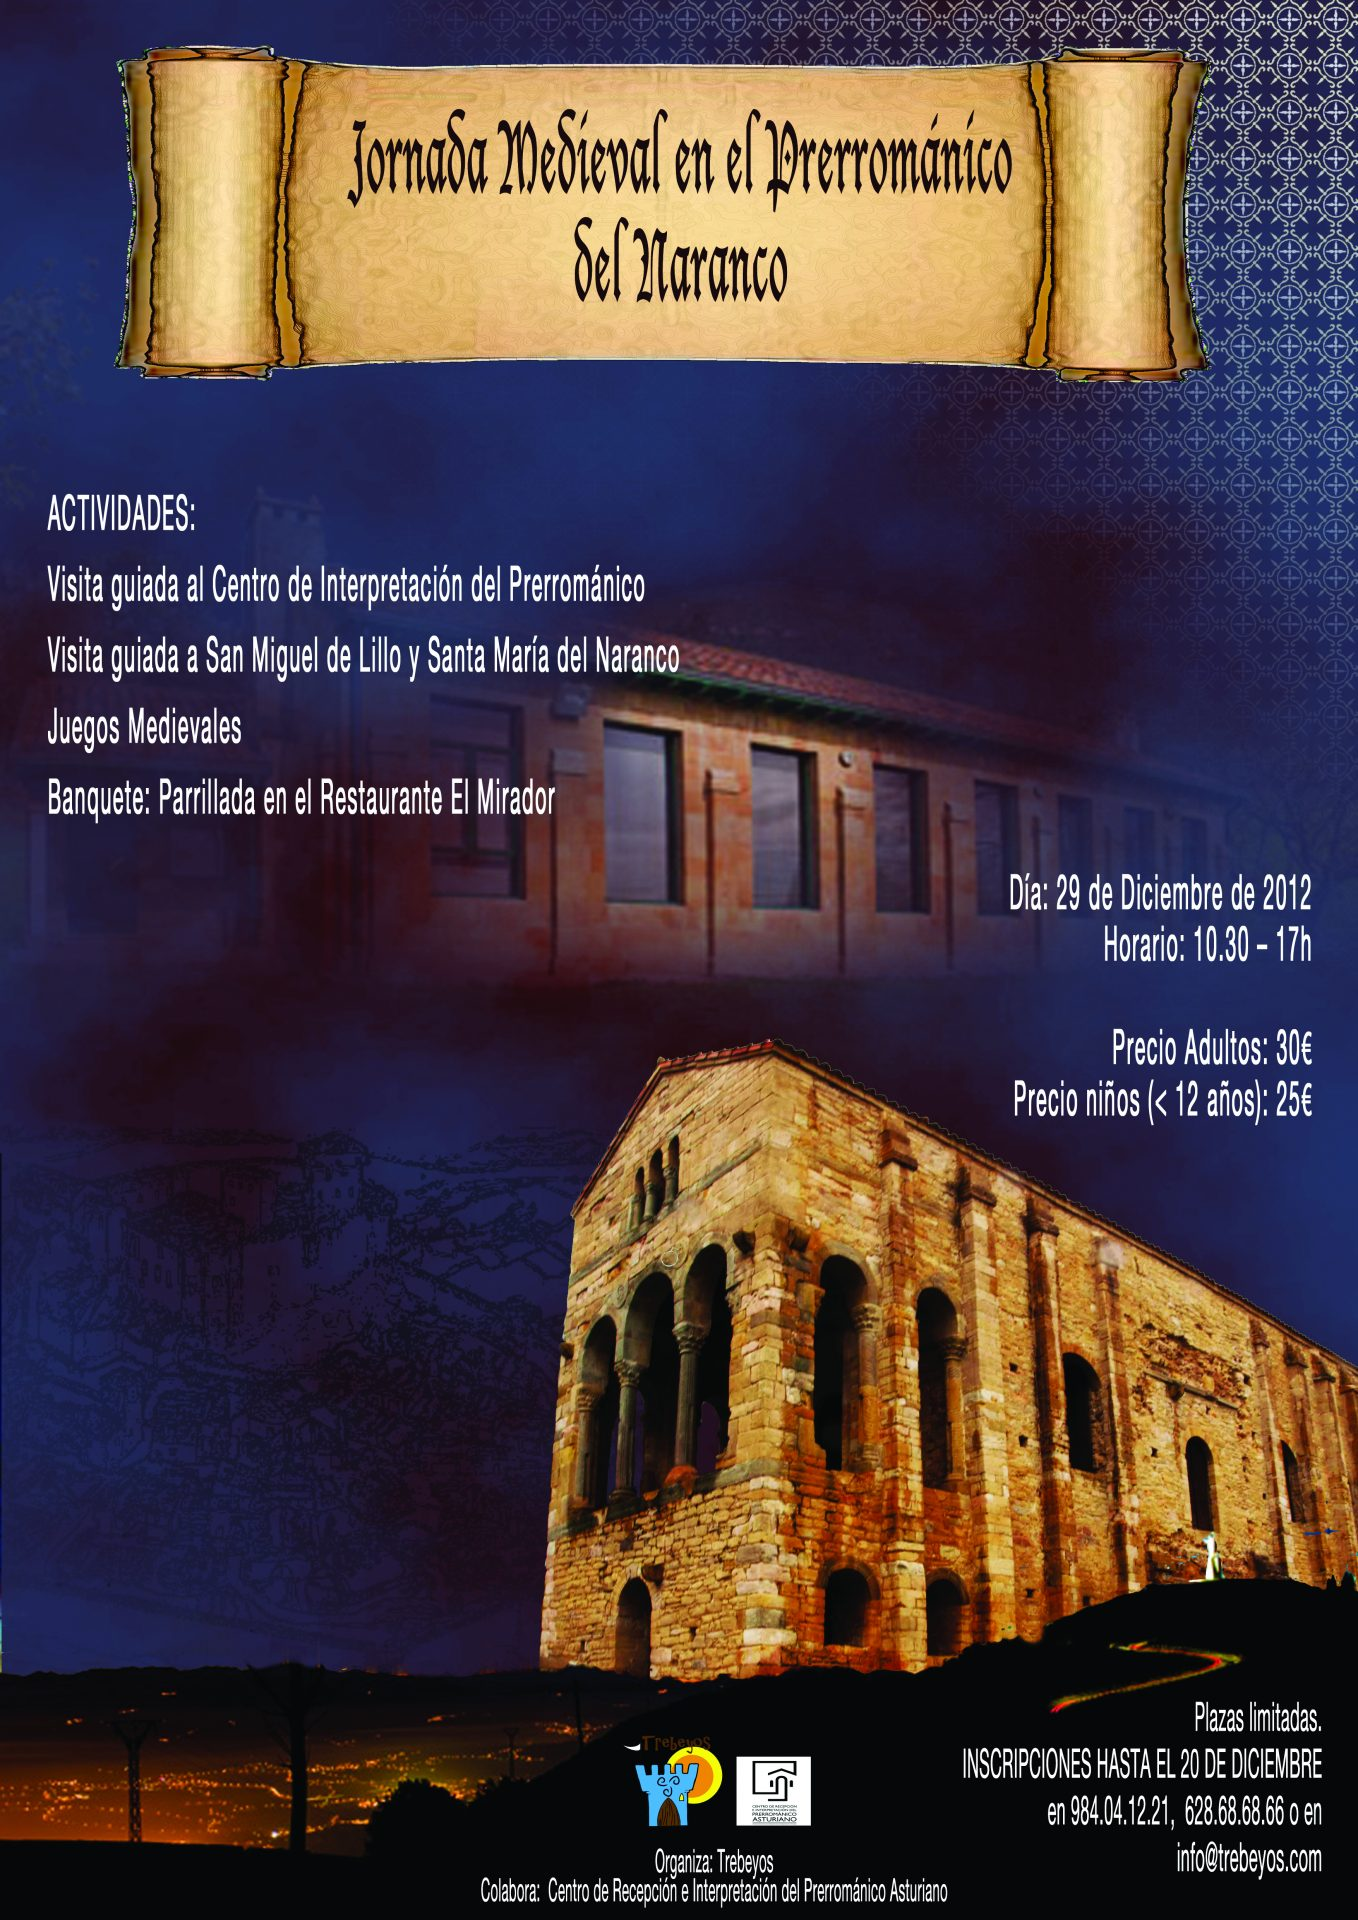 Poster anunciando una jornada medieval en el prerrománico asturiano. Aparece una imagen de Santa María del Naranco y del centro de interpretació